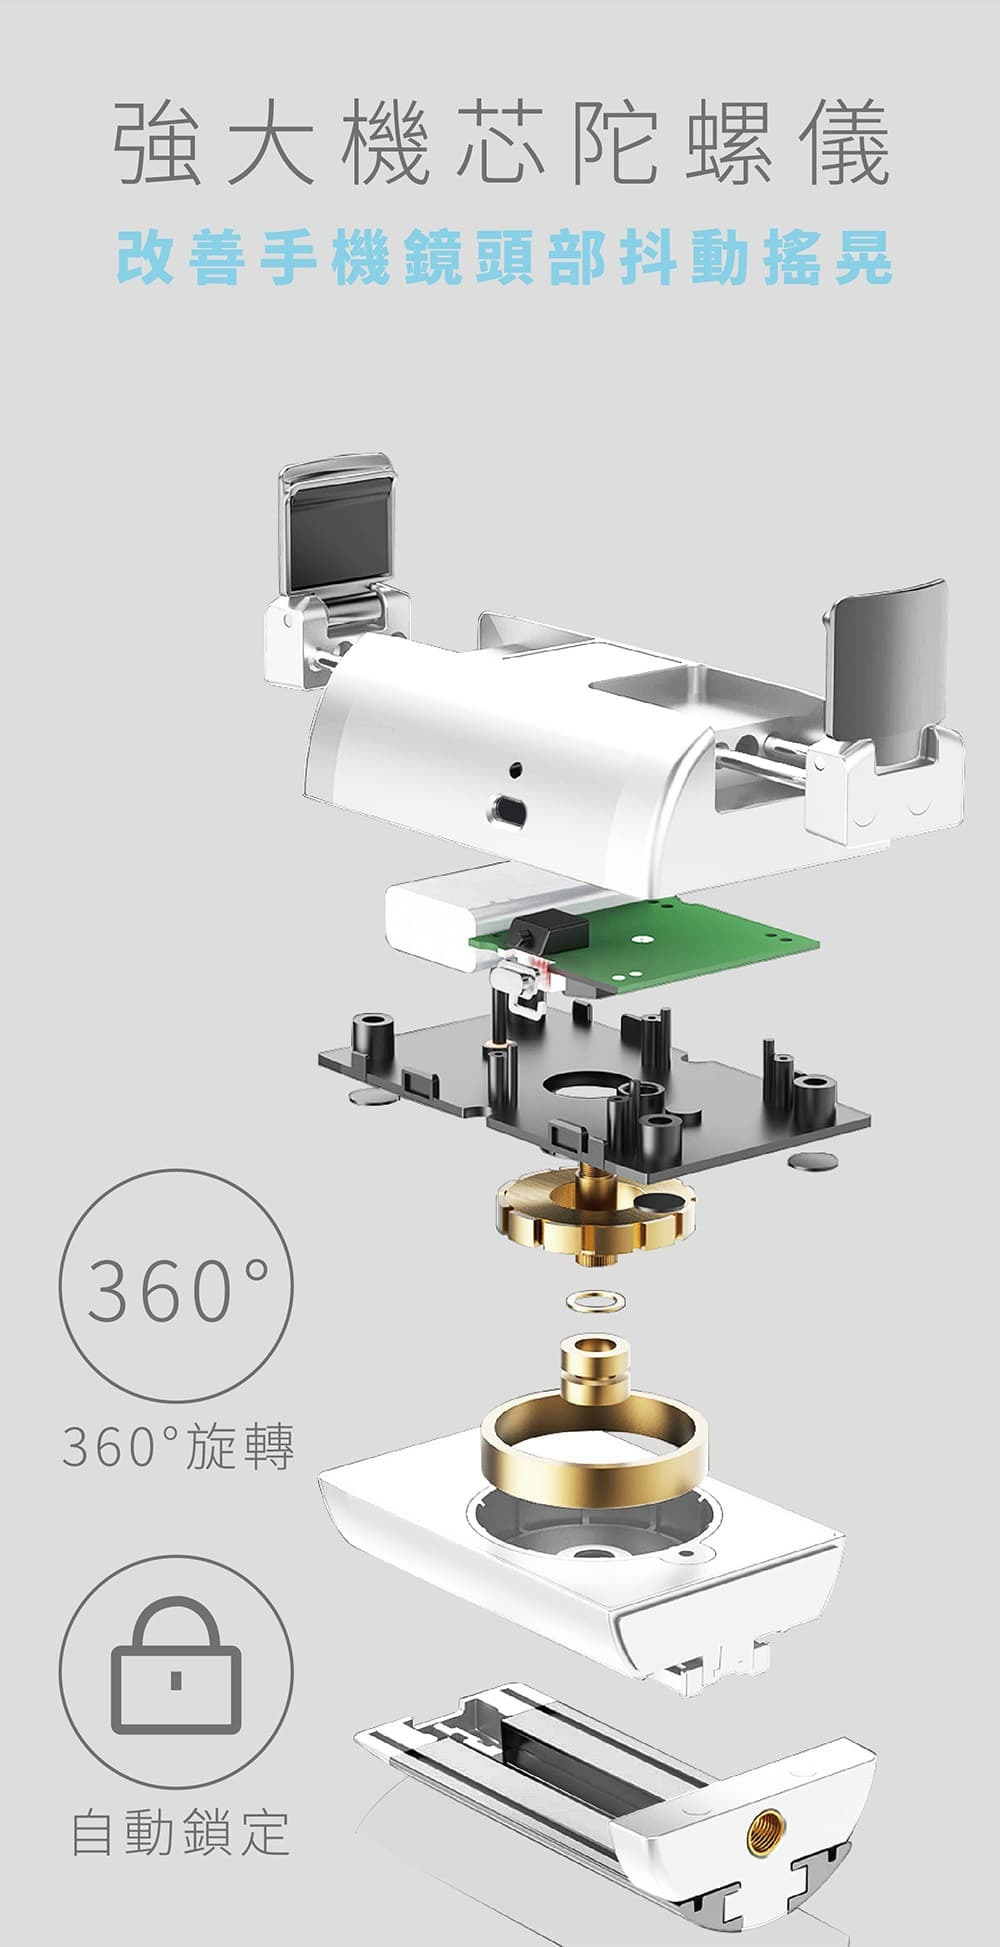 美極品三腳穩定器-單軸陀螺儀外觀創新外觀設計